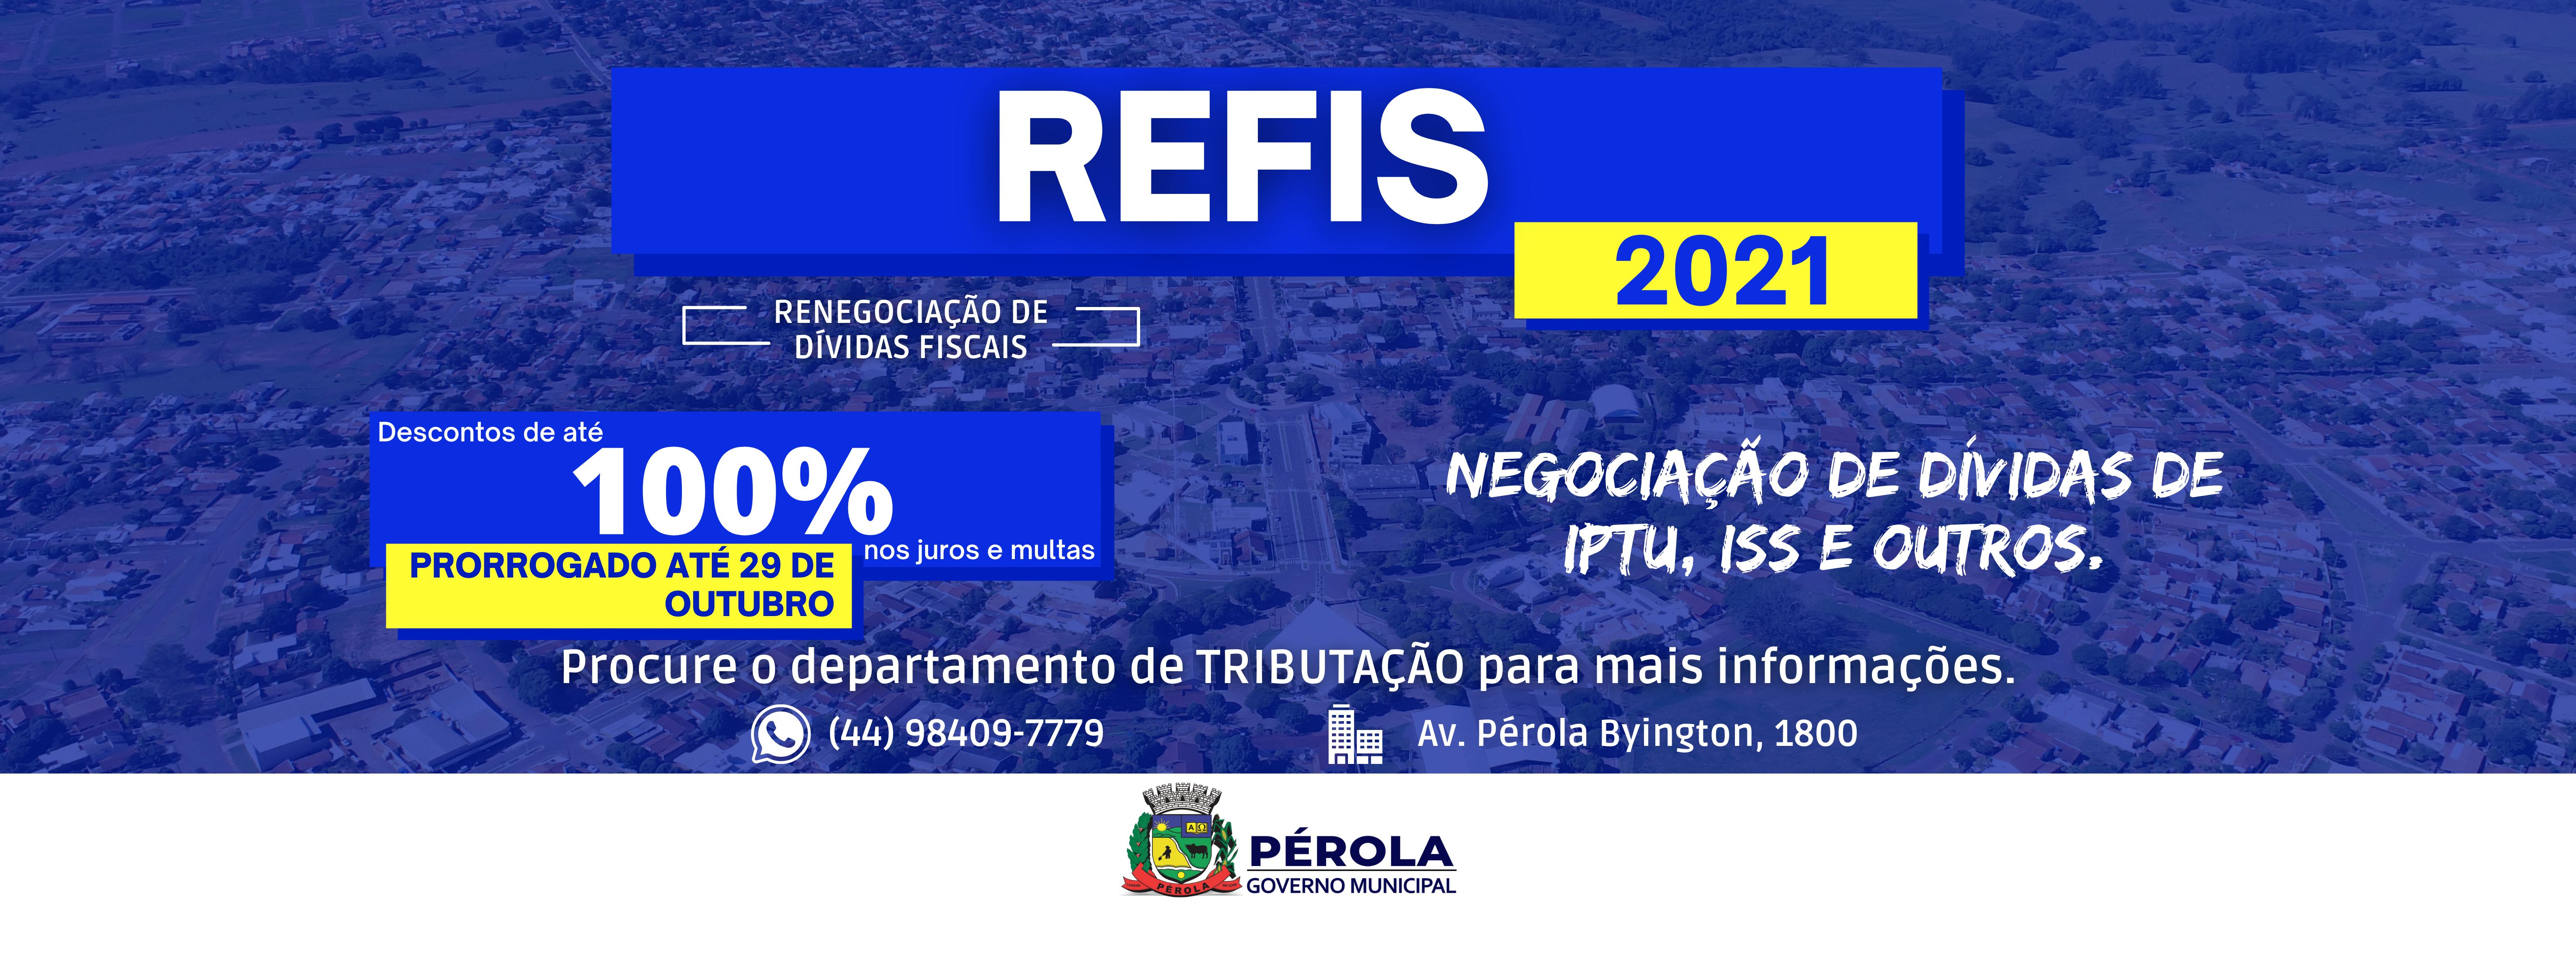 REFIS 2021